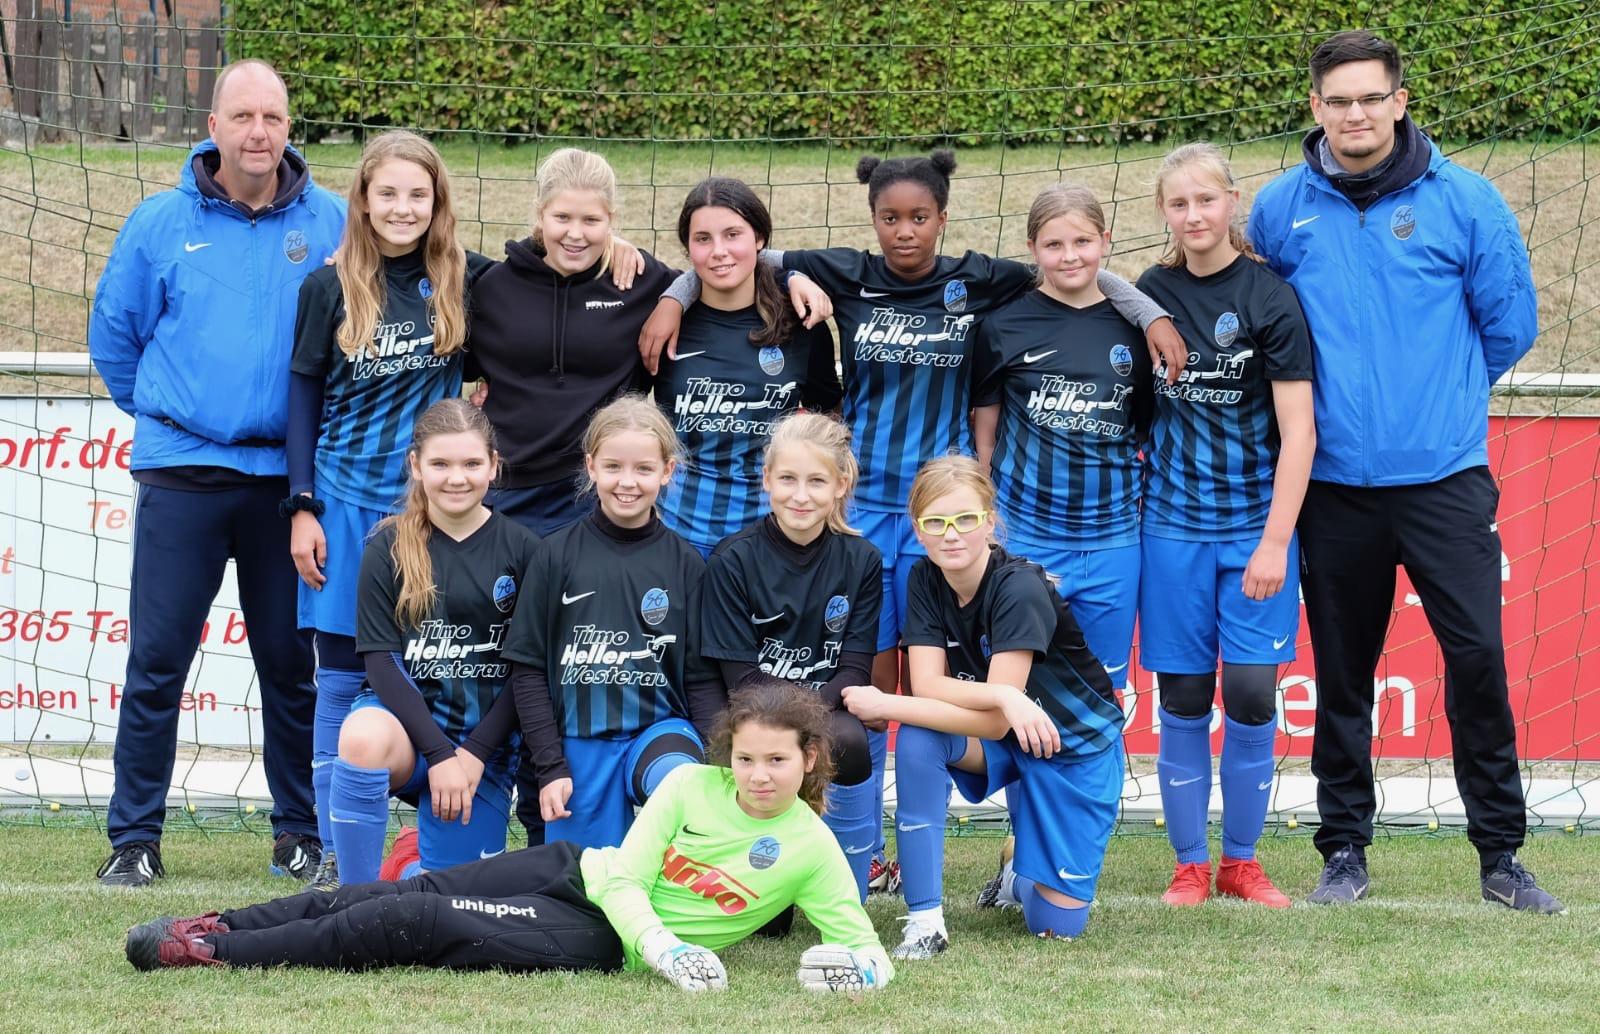 Foto der D-Mädchen aus der Saison 2018/2019